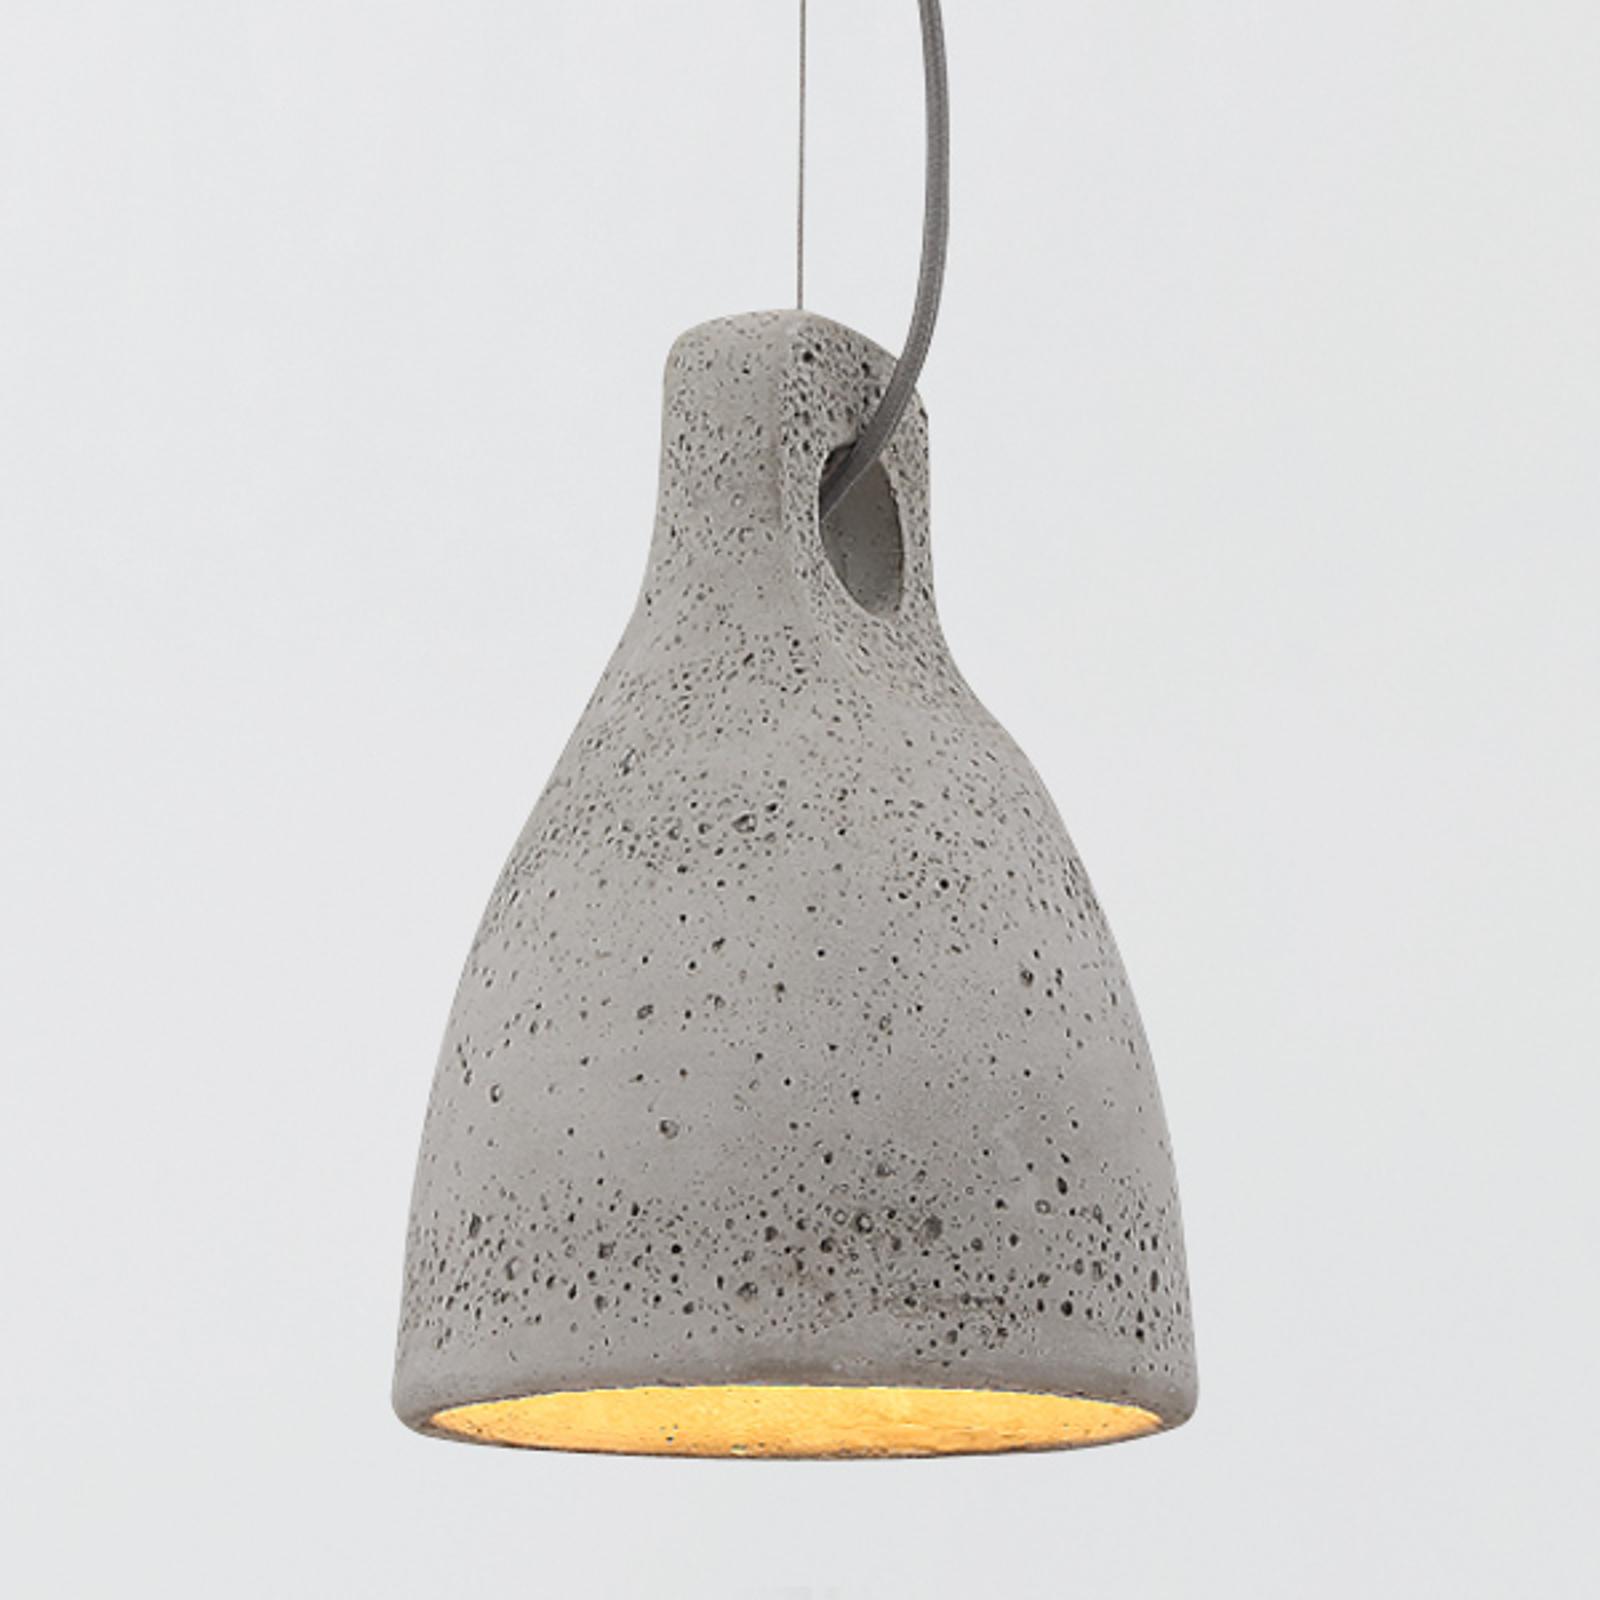 Lámpara suspendidaLenna de cemento gris